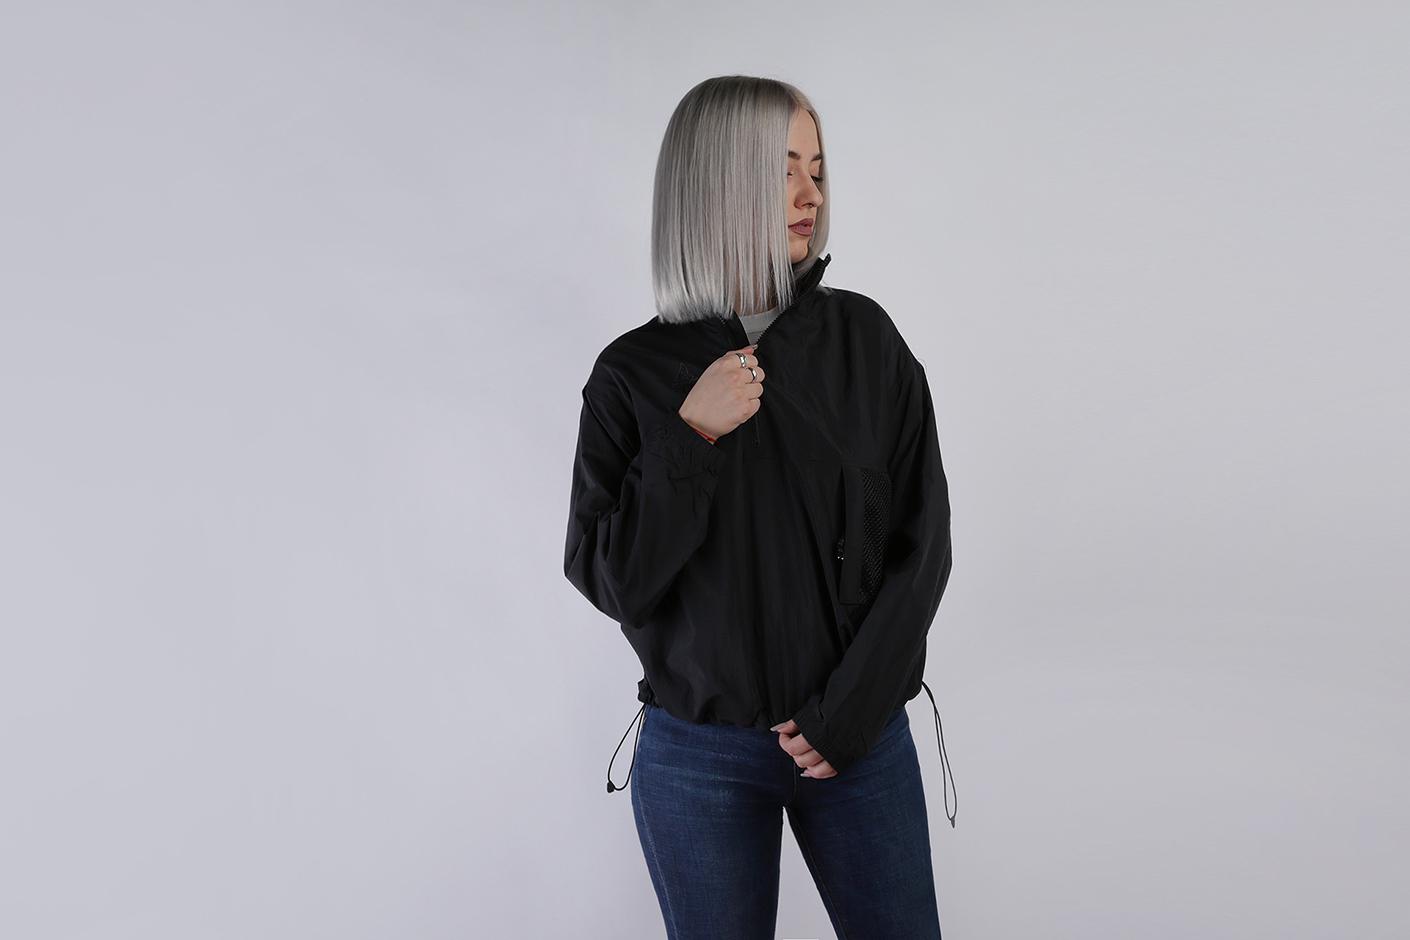 1a0eea86 Черная женская куртка ACG Anorak от Nike (BQ3615-010) по цене 9290 ...